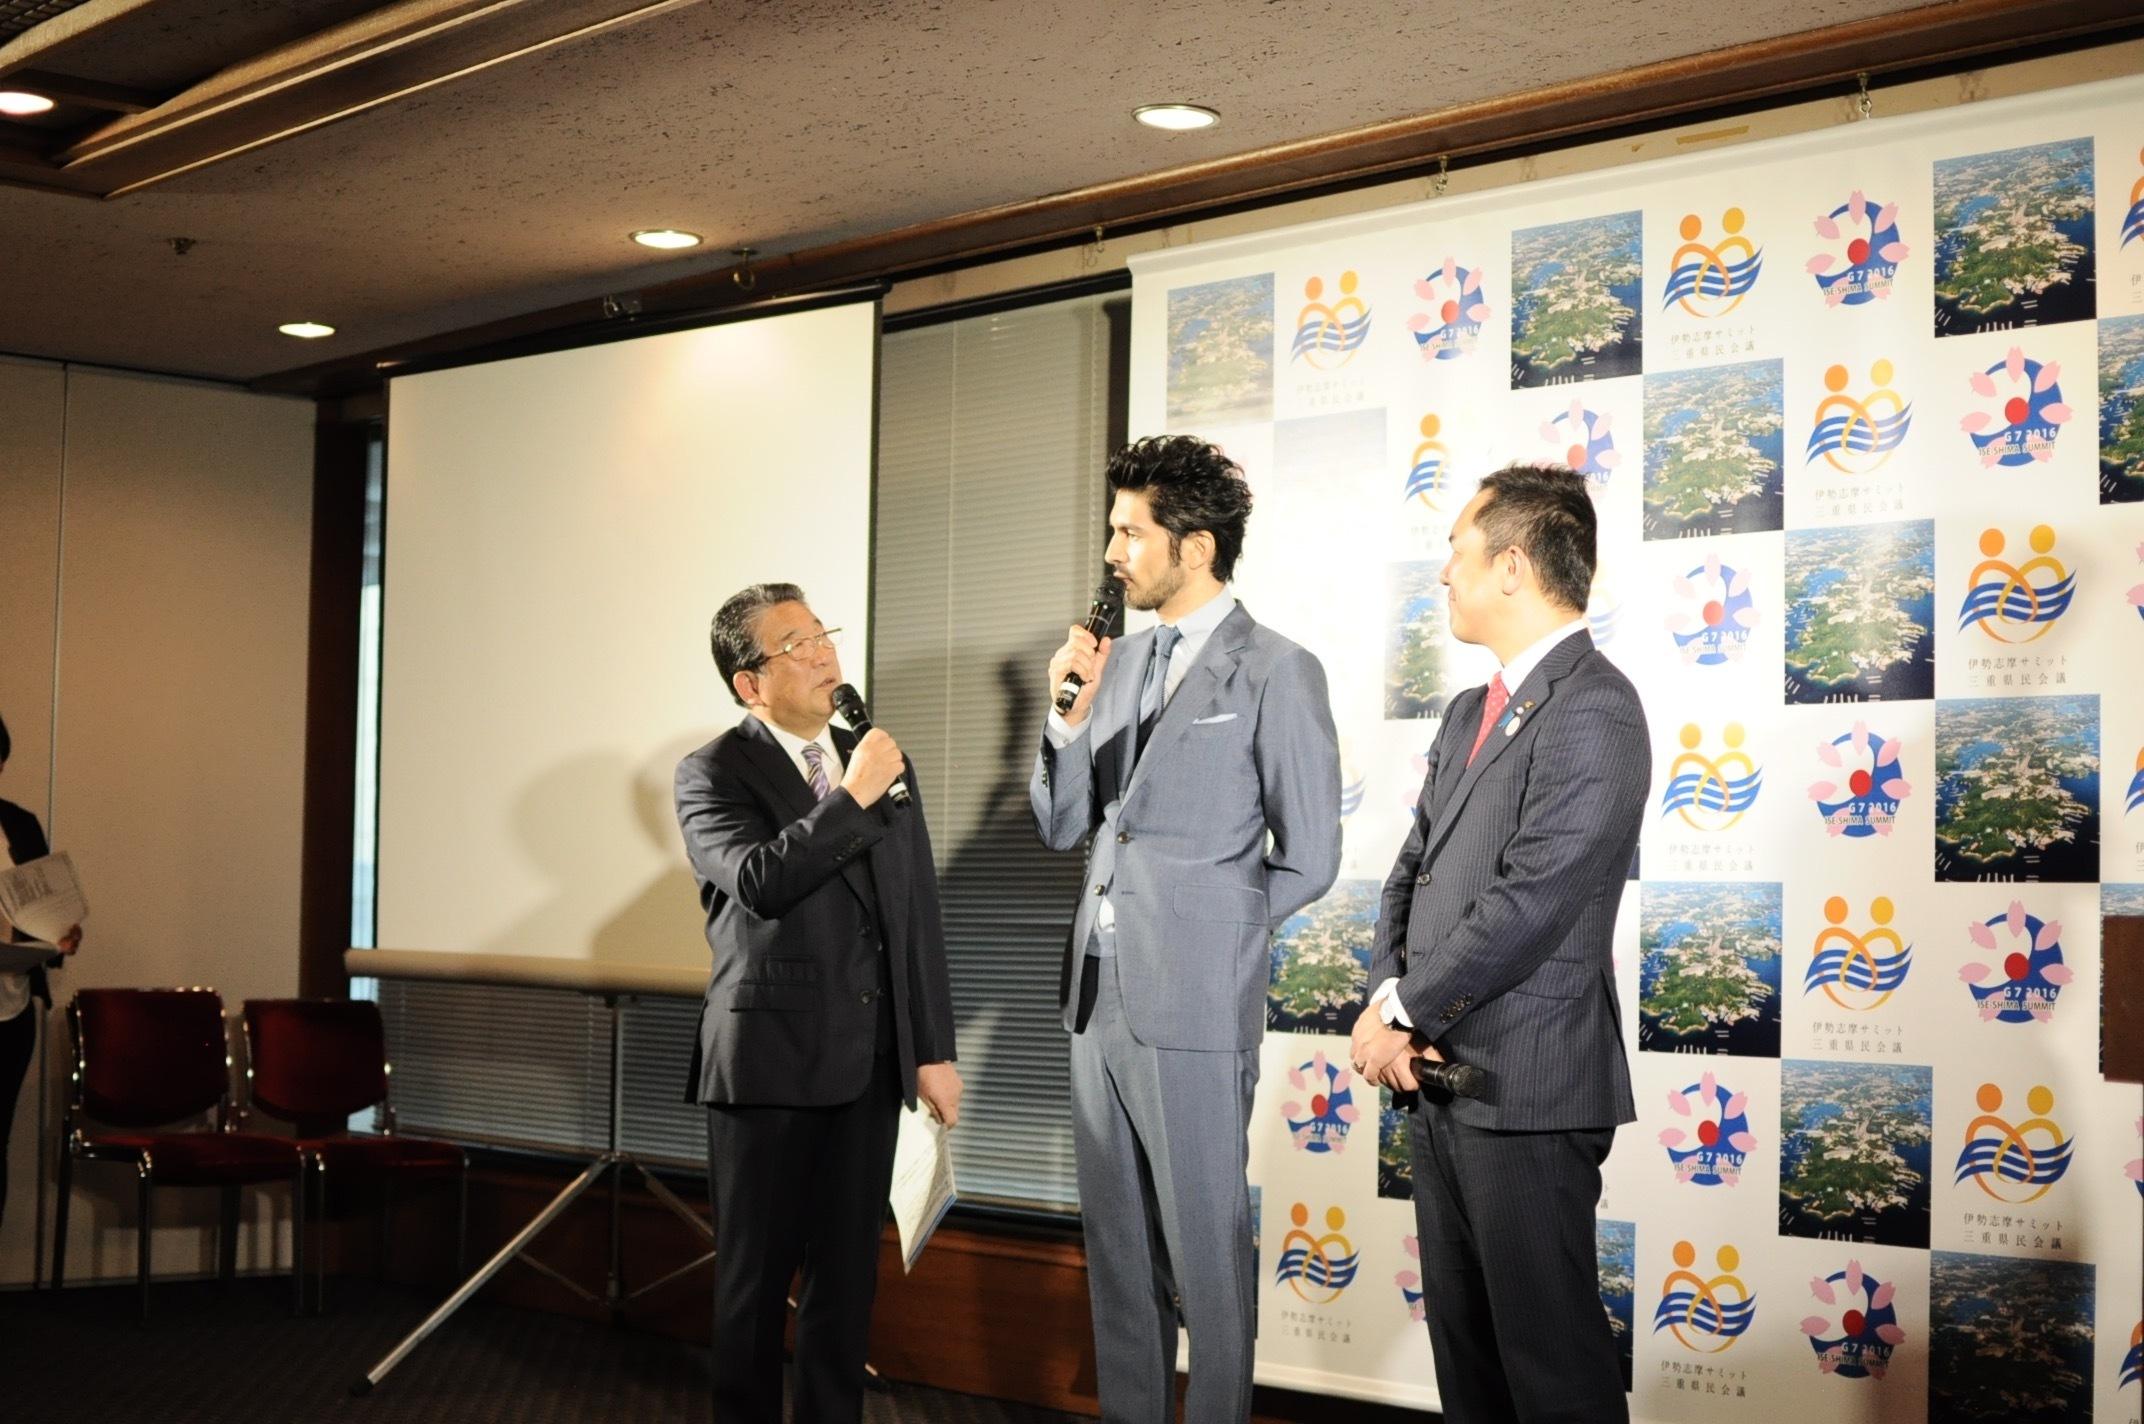 德光和夫(写真左)、平井堅(写真中央)、鈴木英敬三重県知事(写真右)